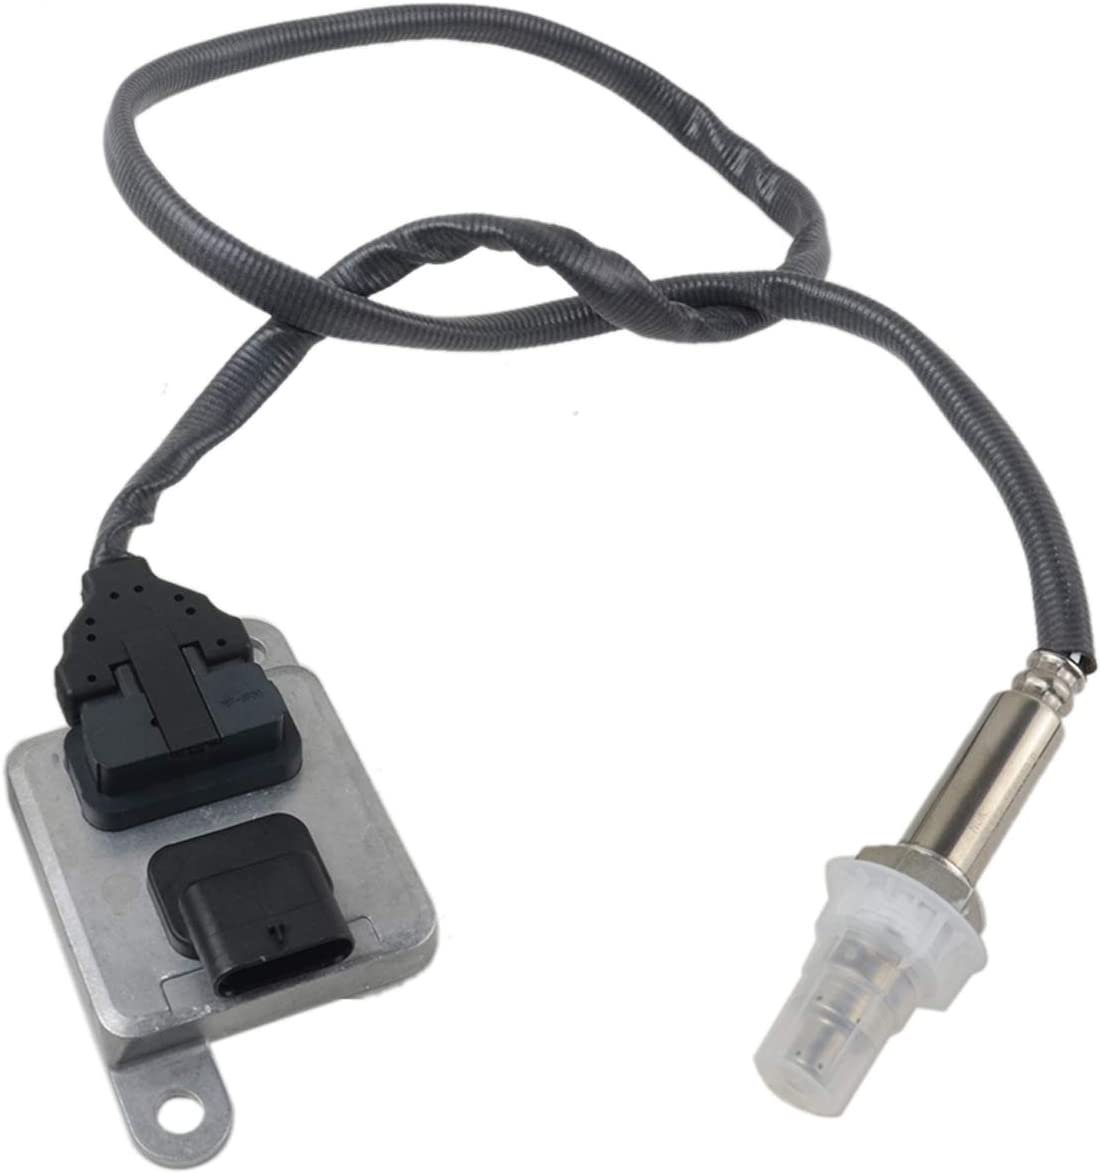 Nox Sensor für BMW 5er 2009//06-2011//08 F10,5er Touring 2009//10-2011//08 F11 Neu